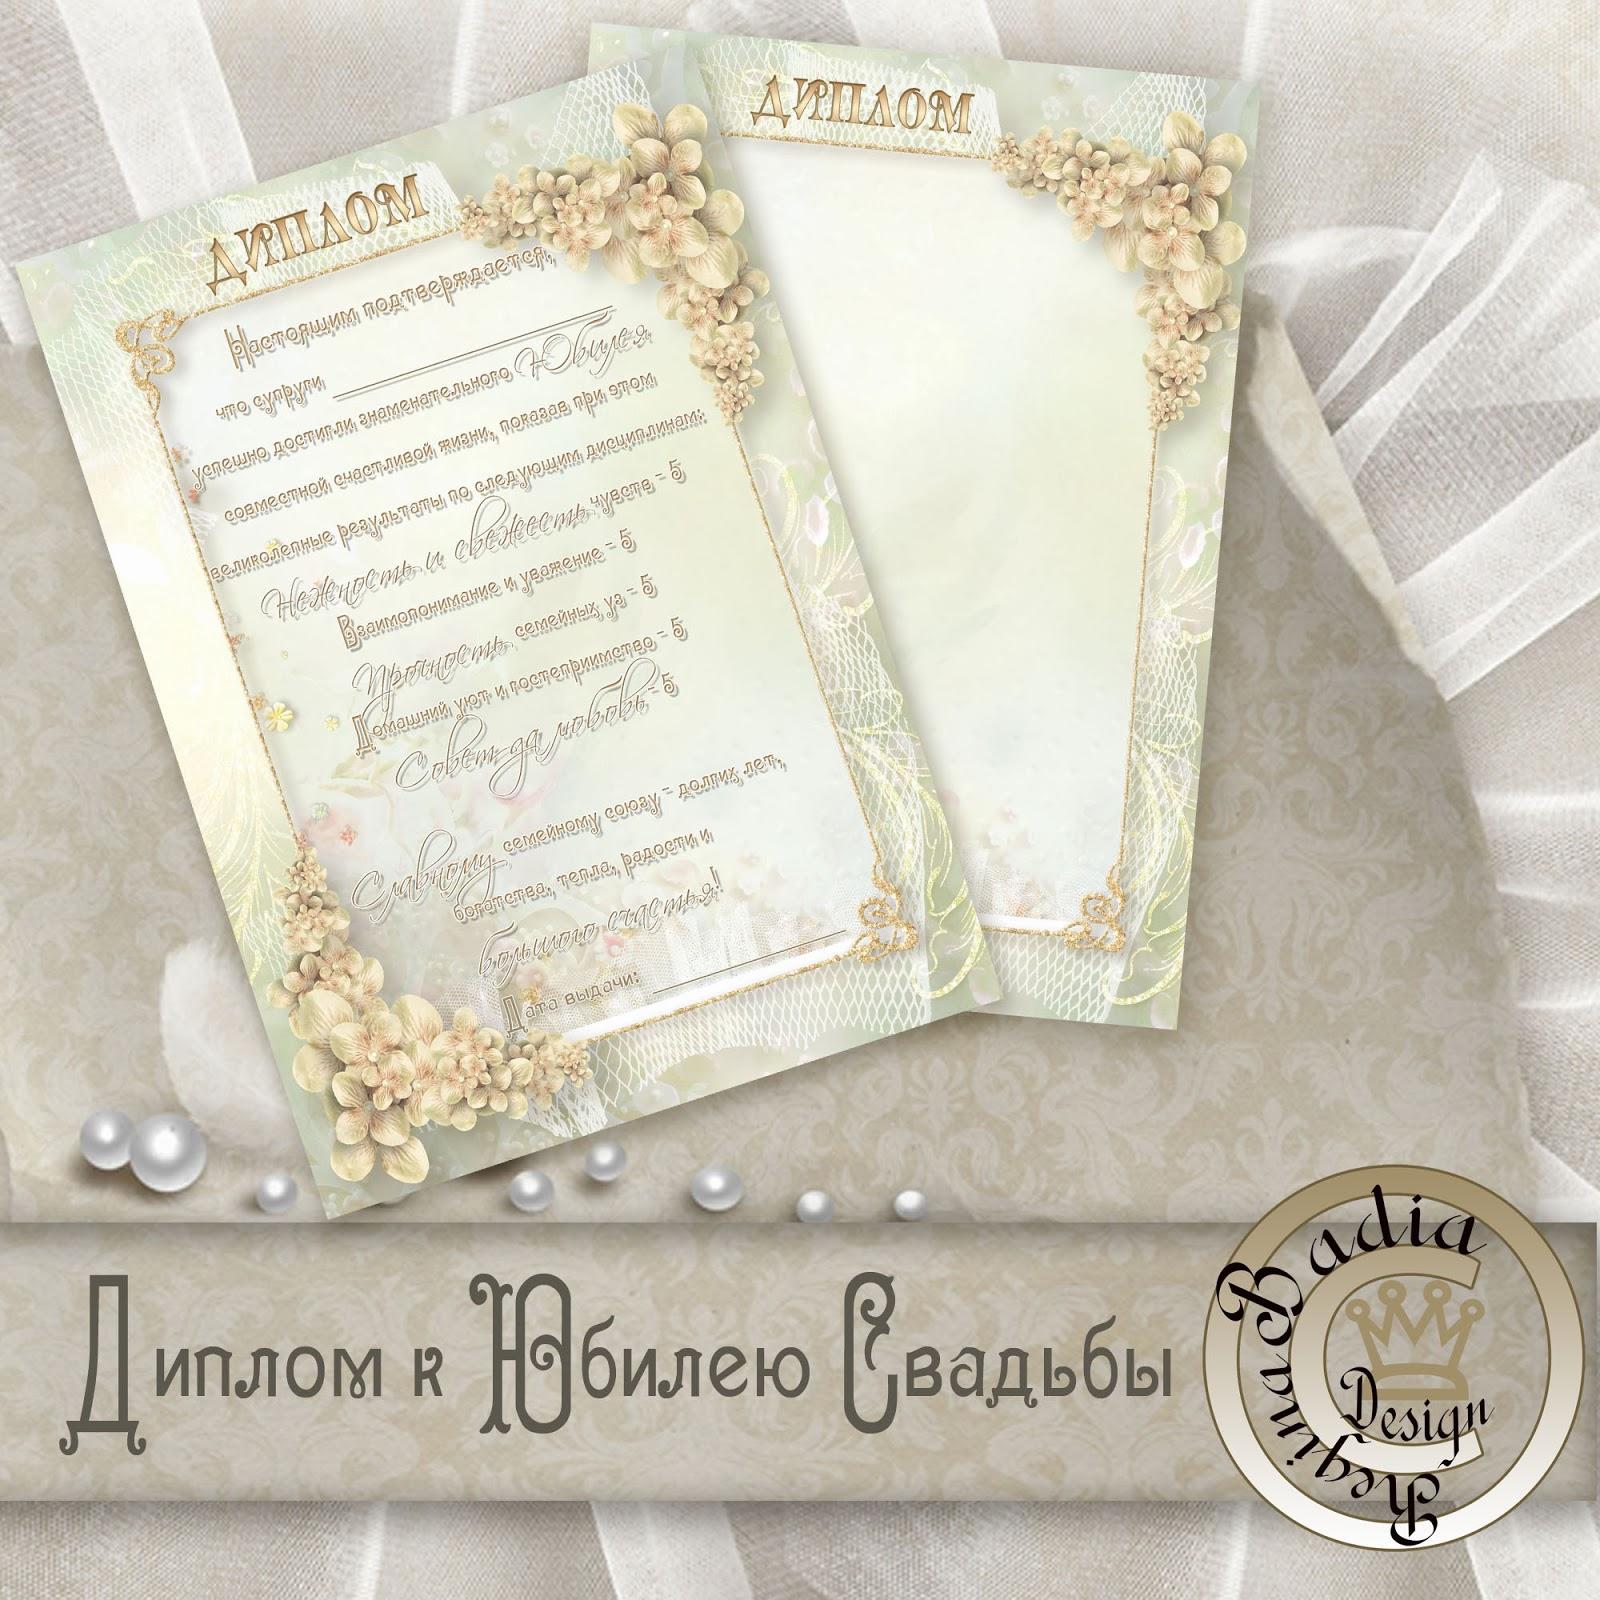 Поздравления на открытки грамоты талисман бинтошка